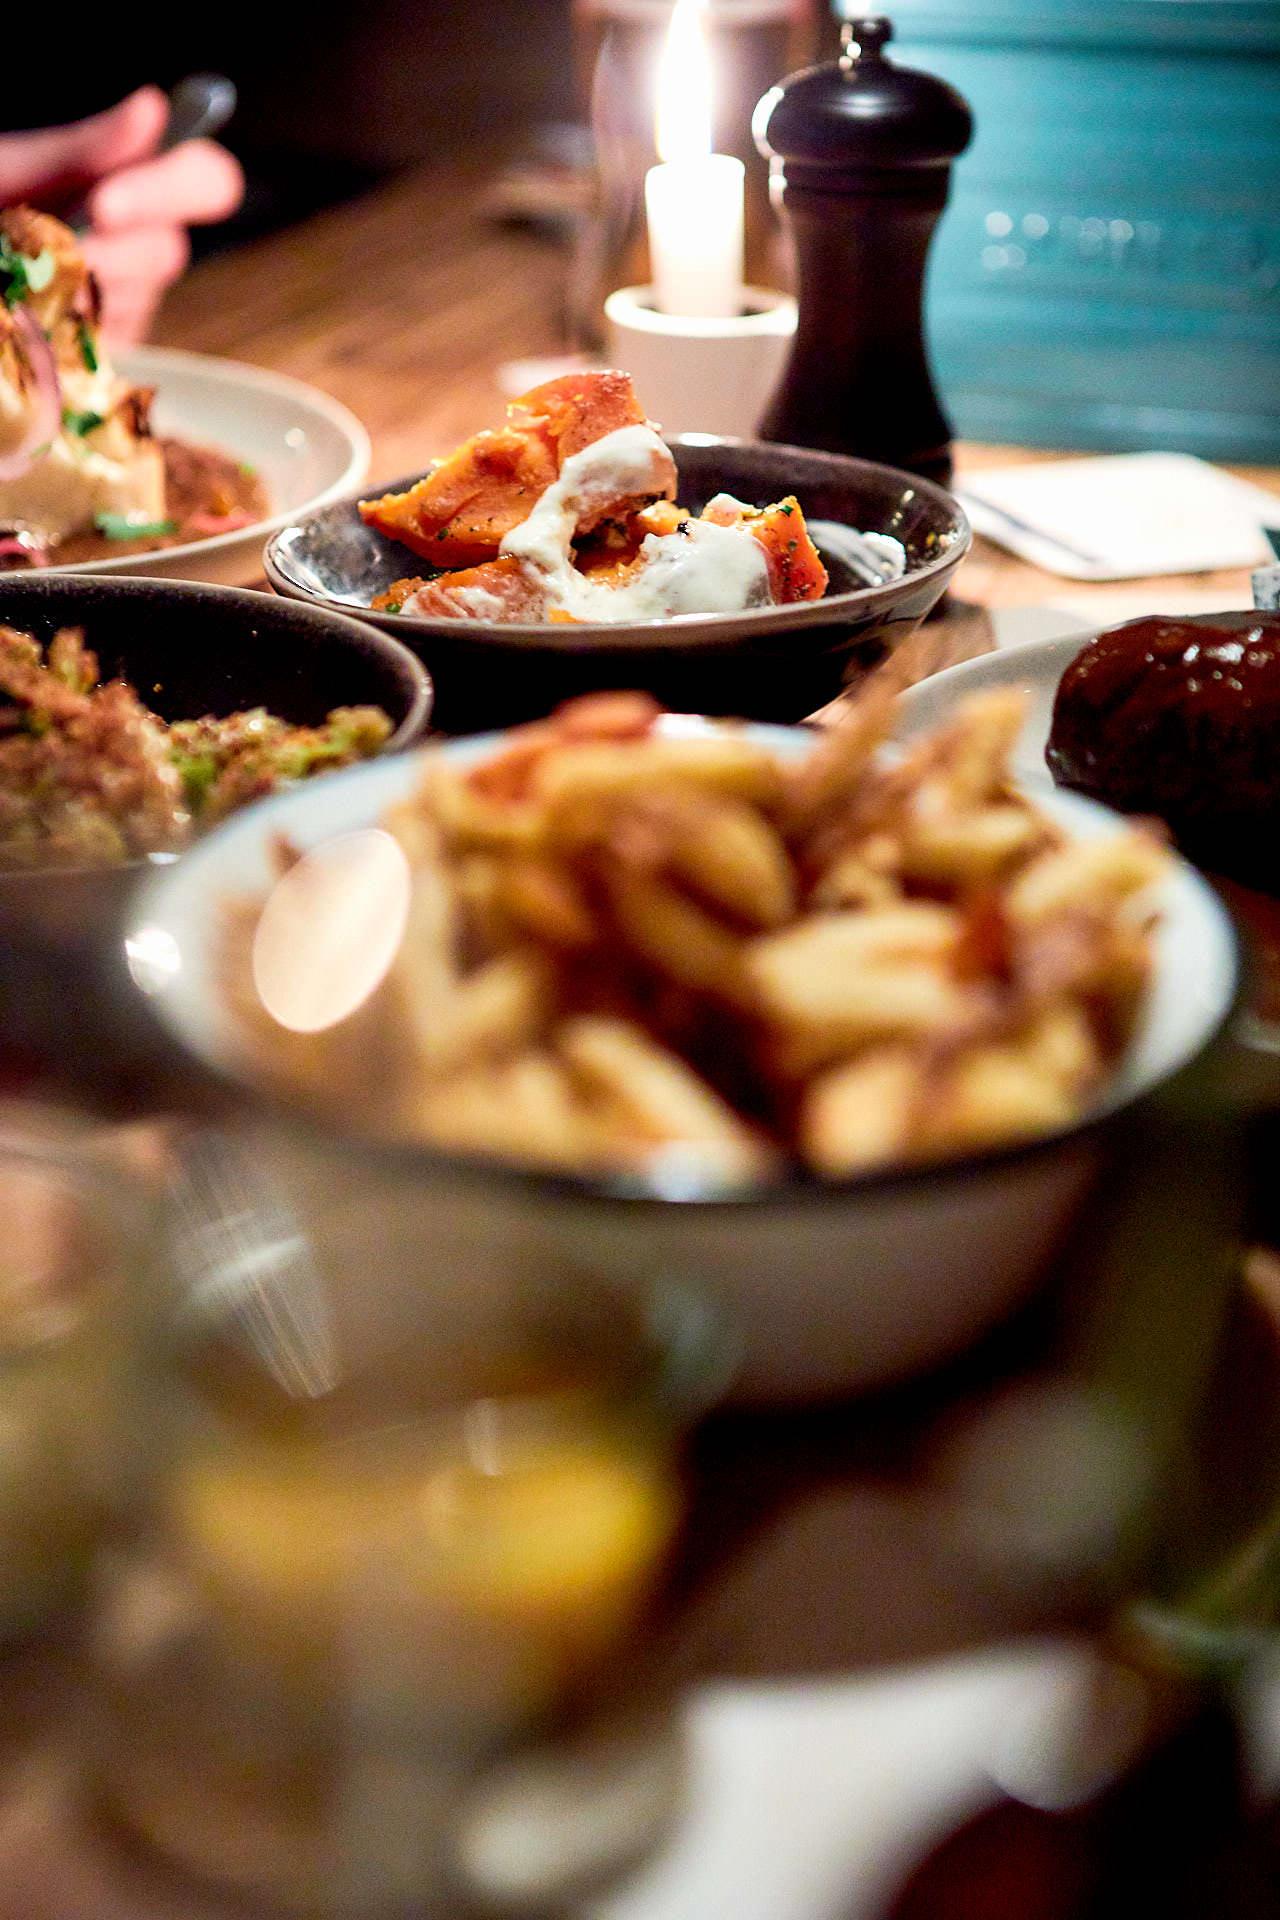 restaurants_johann_schaefer_wearecity_koeln_joern_strojny 119.jpg